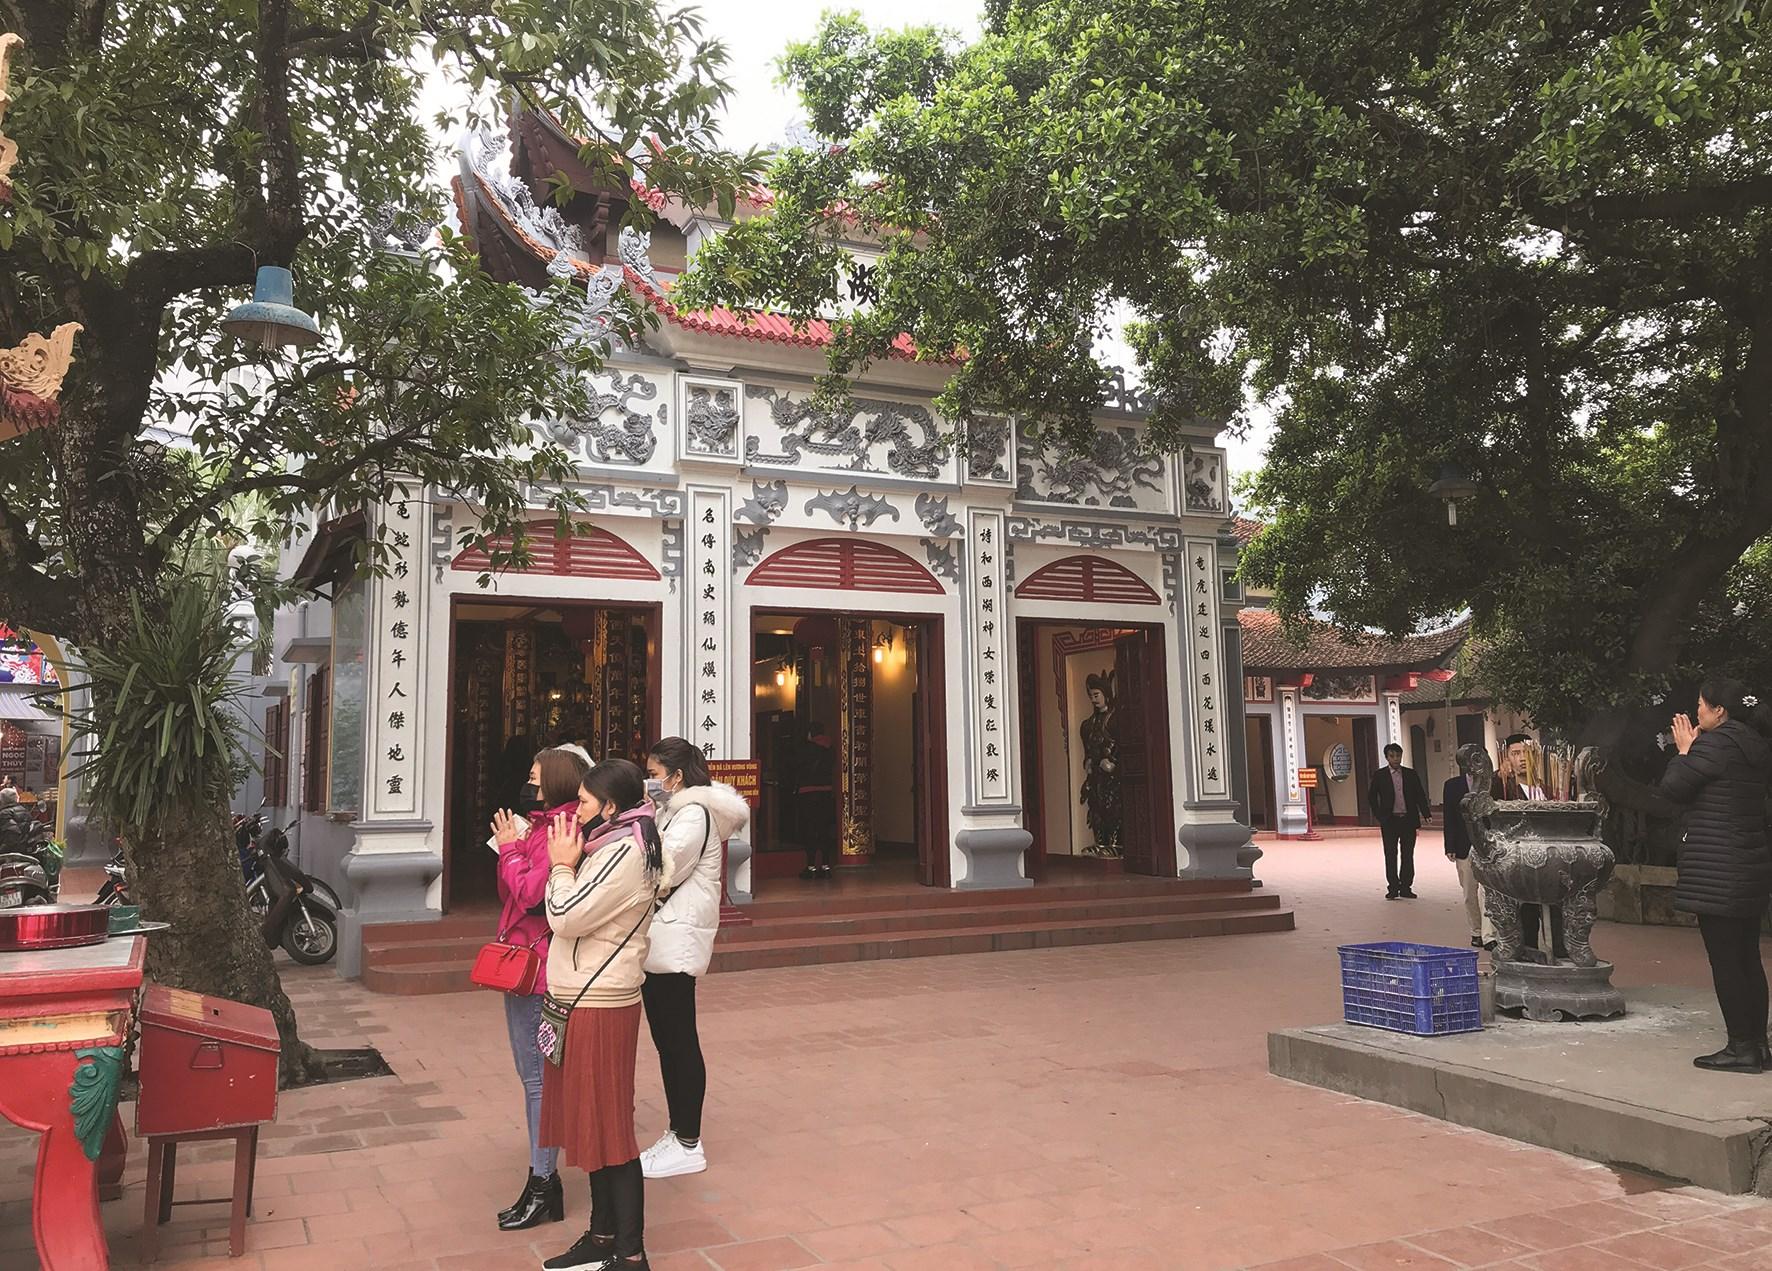 Hình ảnh thưa vắng người dân đi lễ tại Phủ Tây Hồ, Hà Nội sau khi được hoạt động trở lại